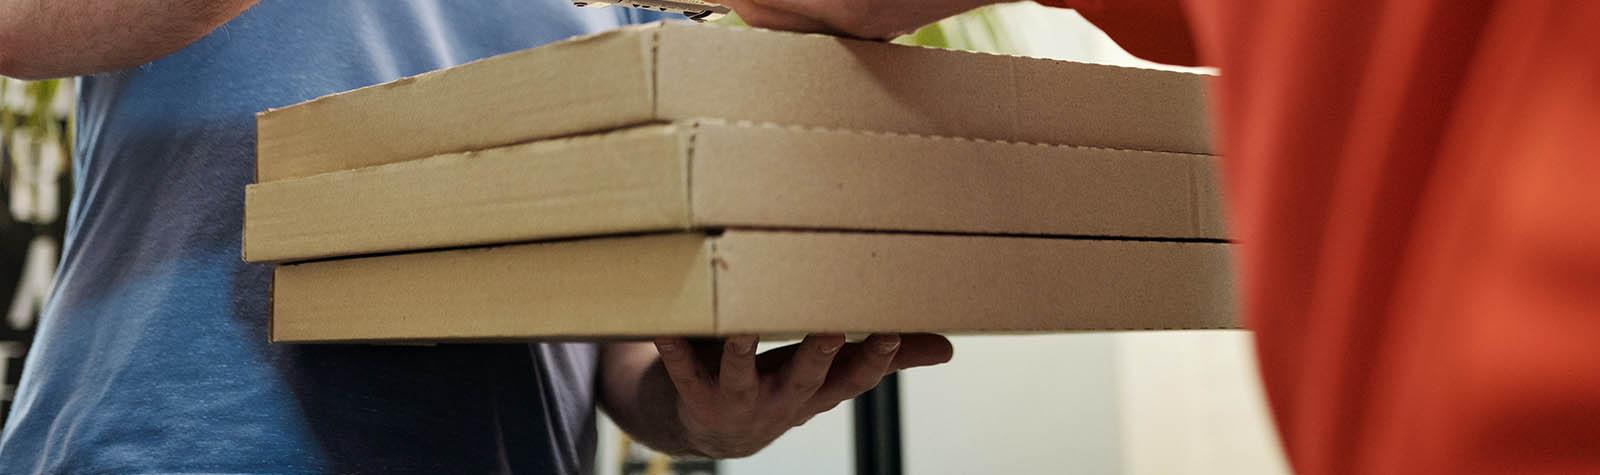 Een datalek bij New York Pizza. Wat kun je doen?